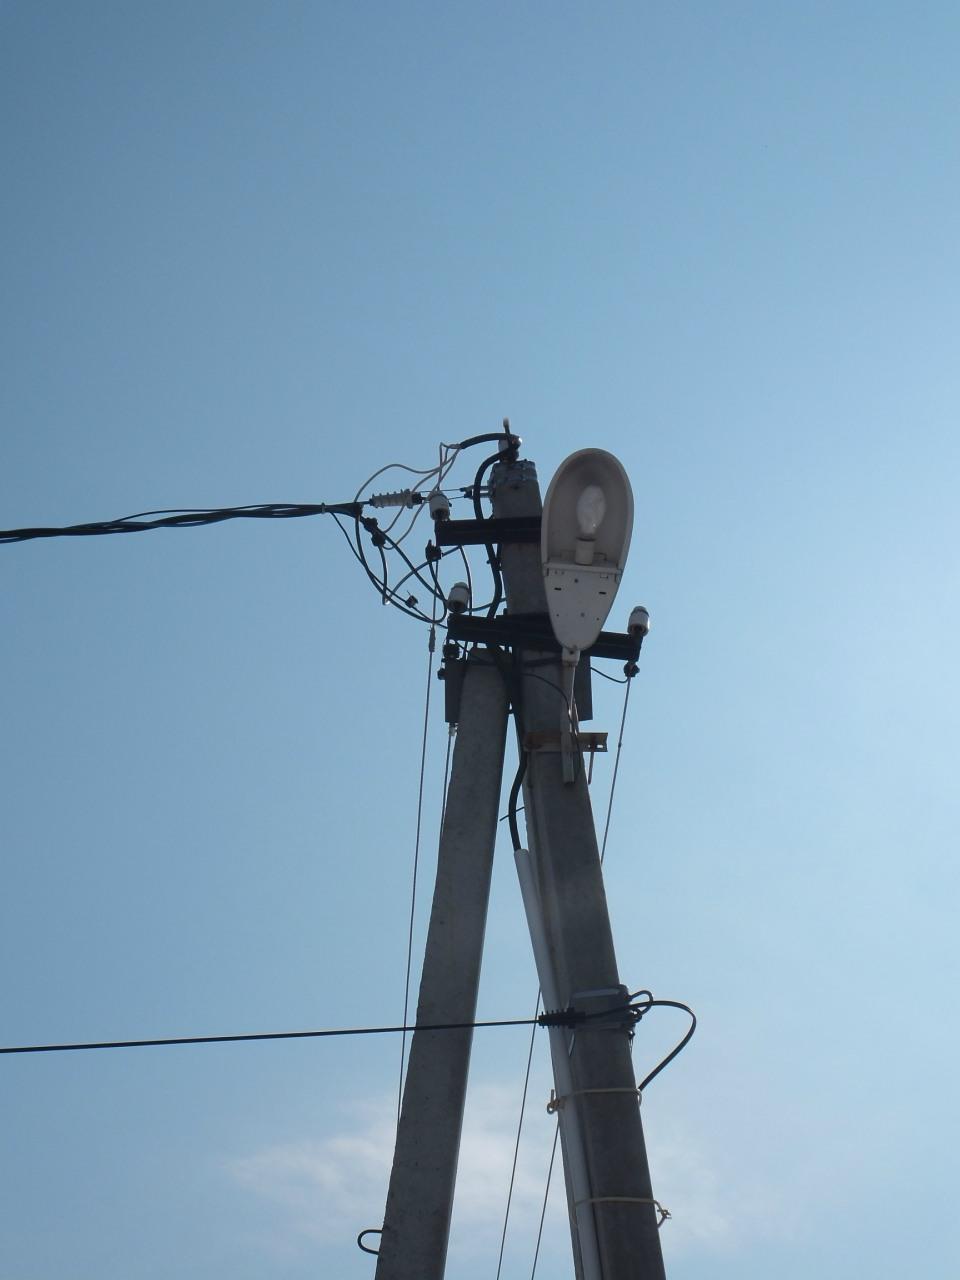 Воздушная линия ЛЭП 0,4 кВ СИП 4x70. Присоединение к голой линии.